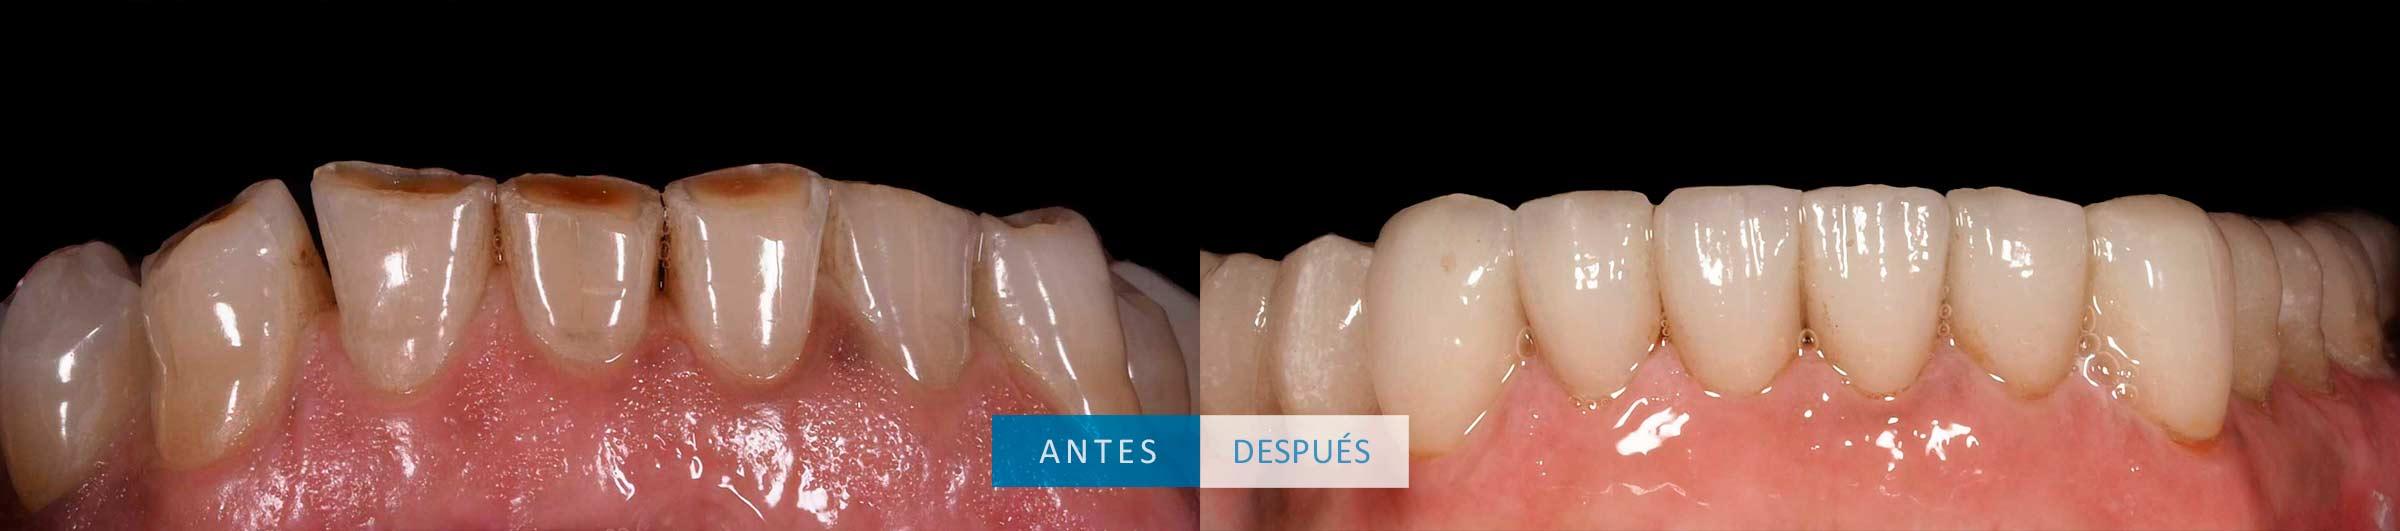 Dientes inferiores tratamiento con coronas dentales